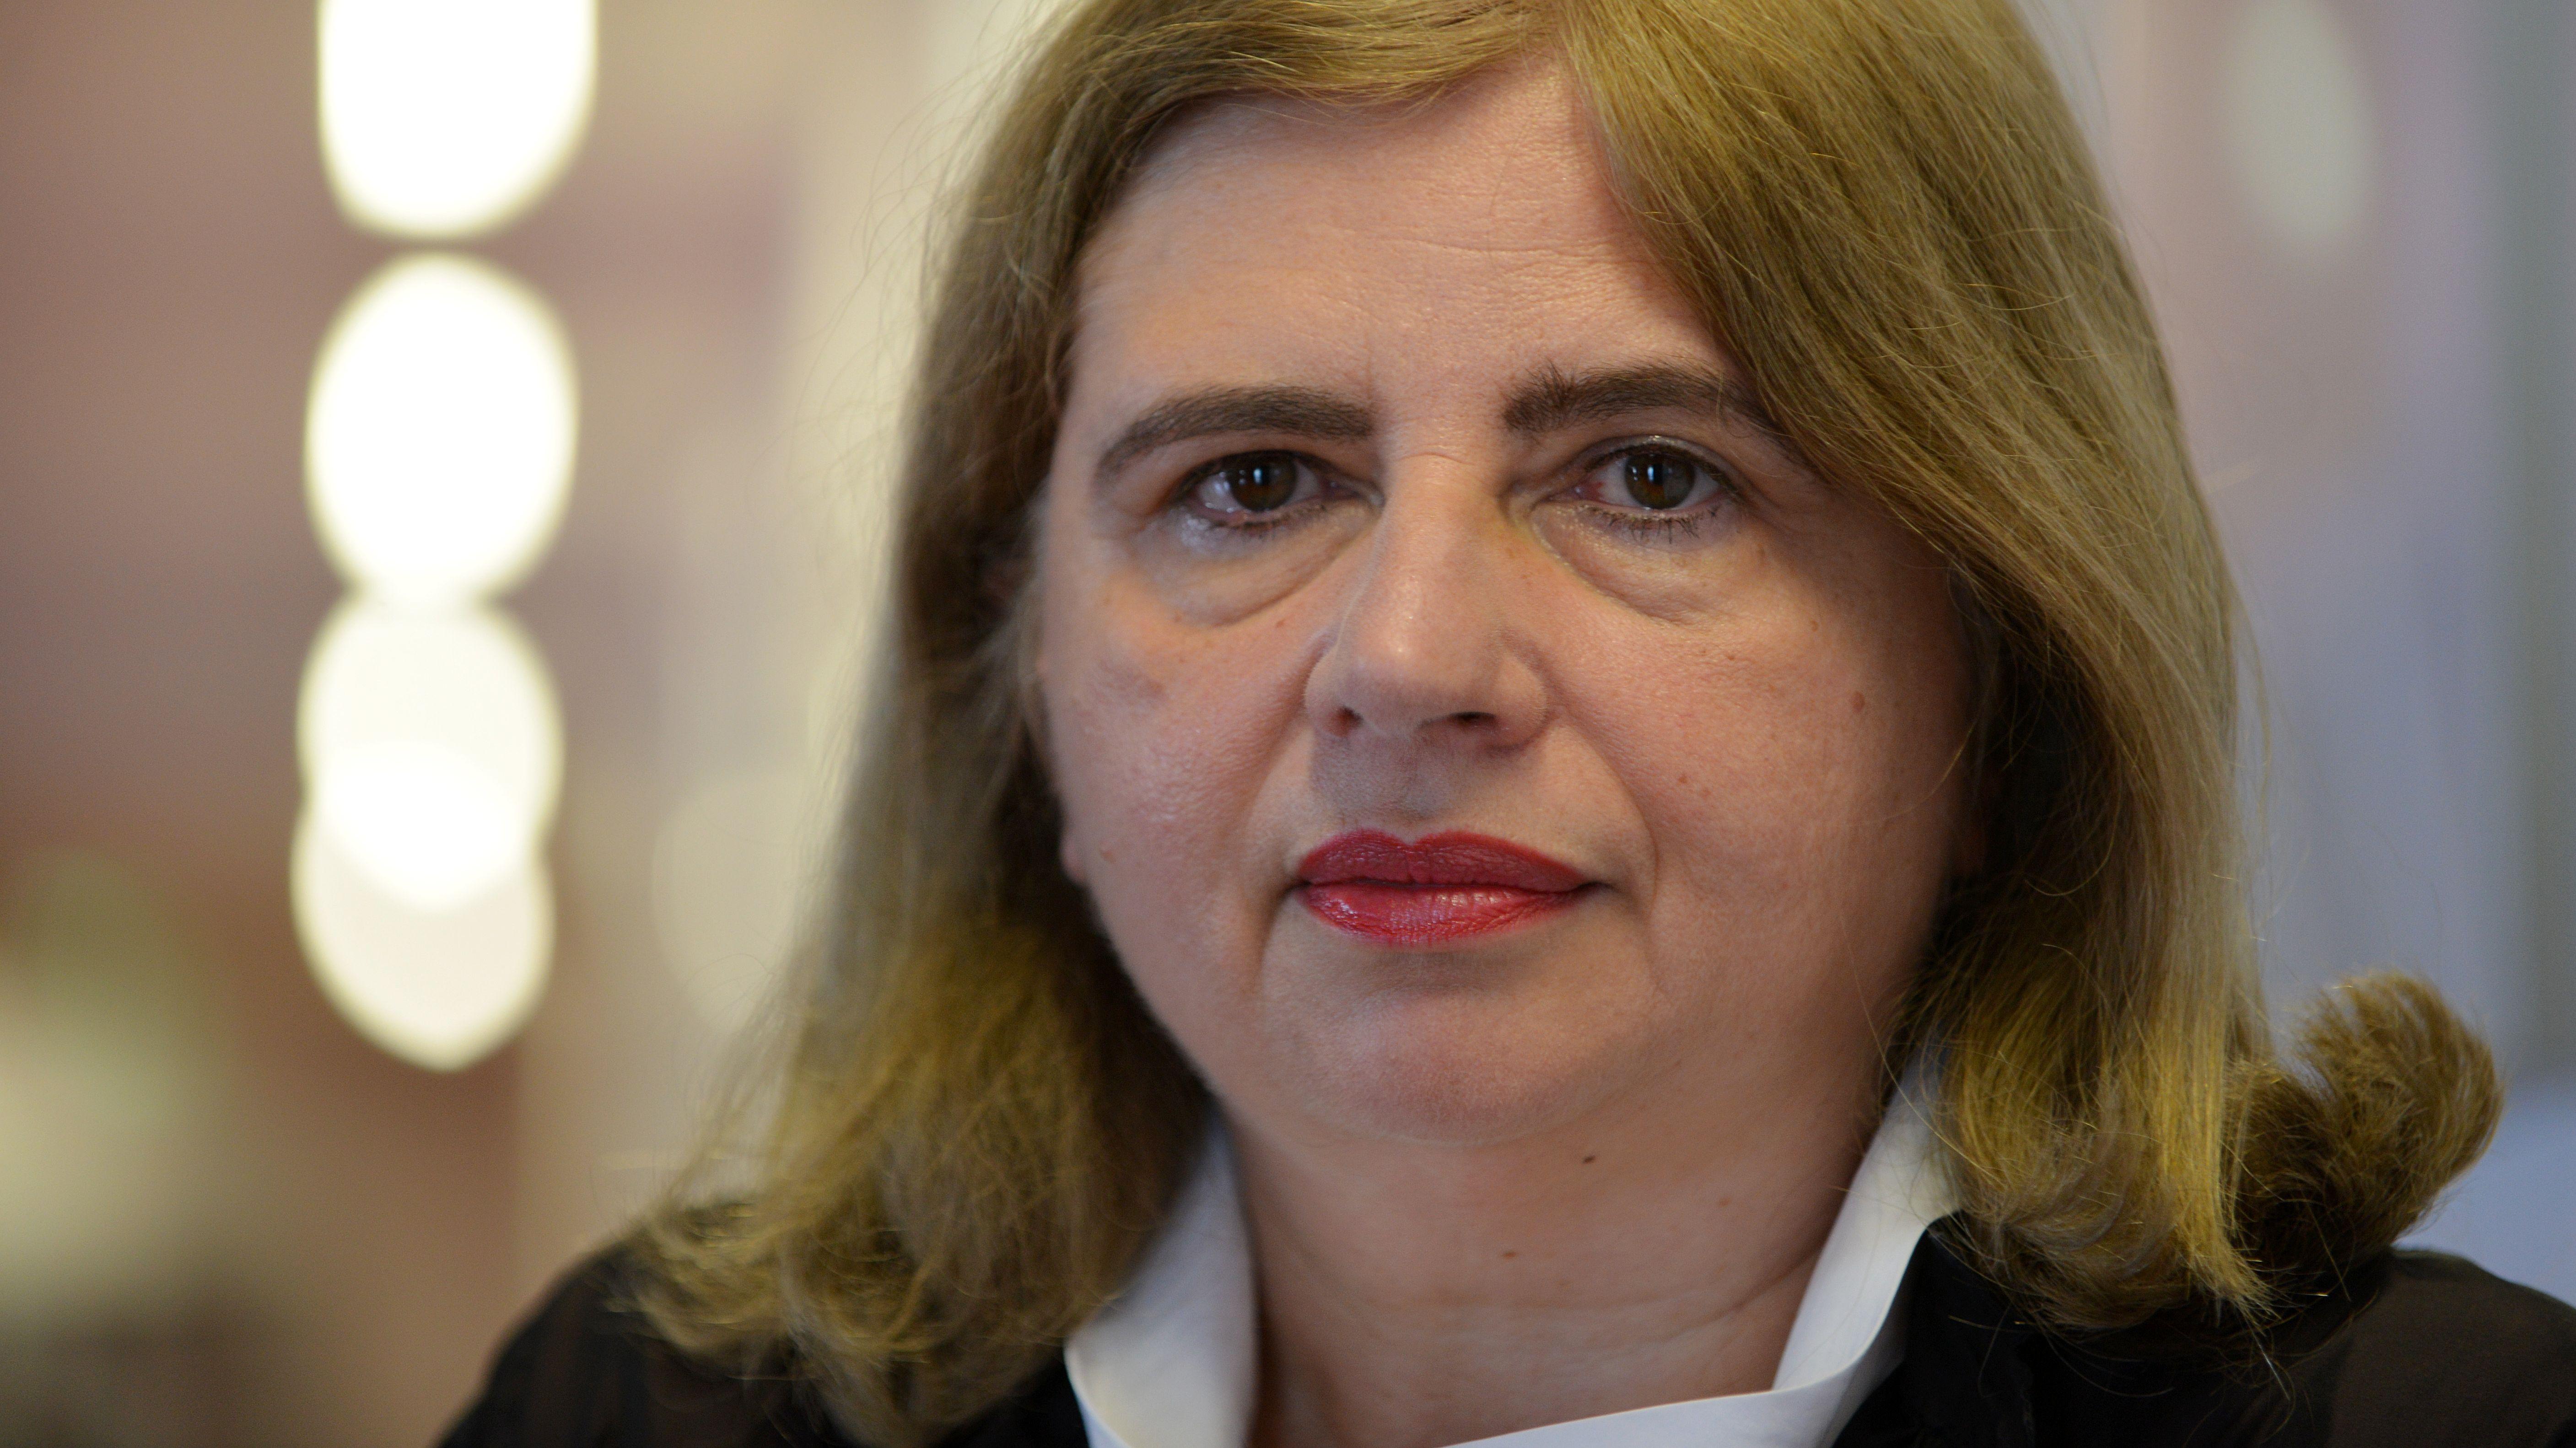 Schriftstellerin Sybille Lewitscharoff blickt in die Kamera